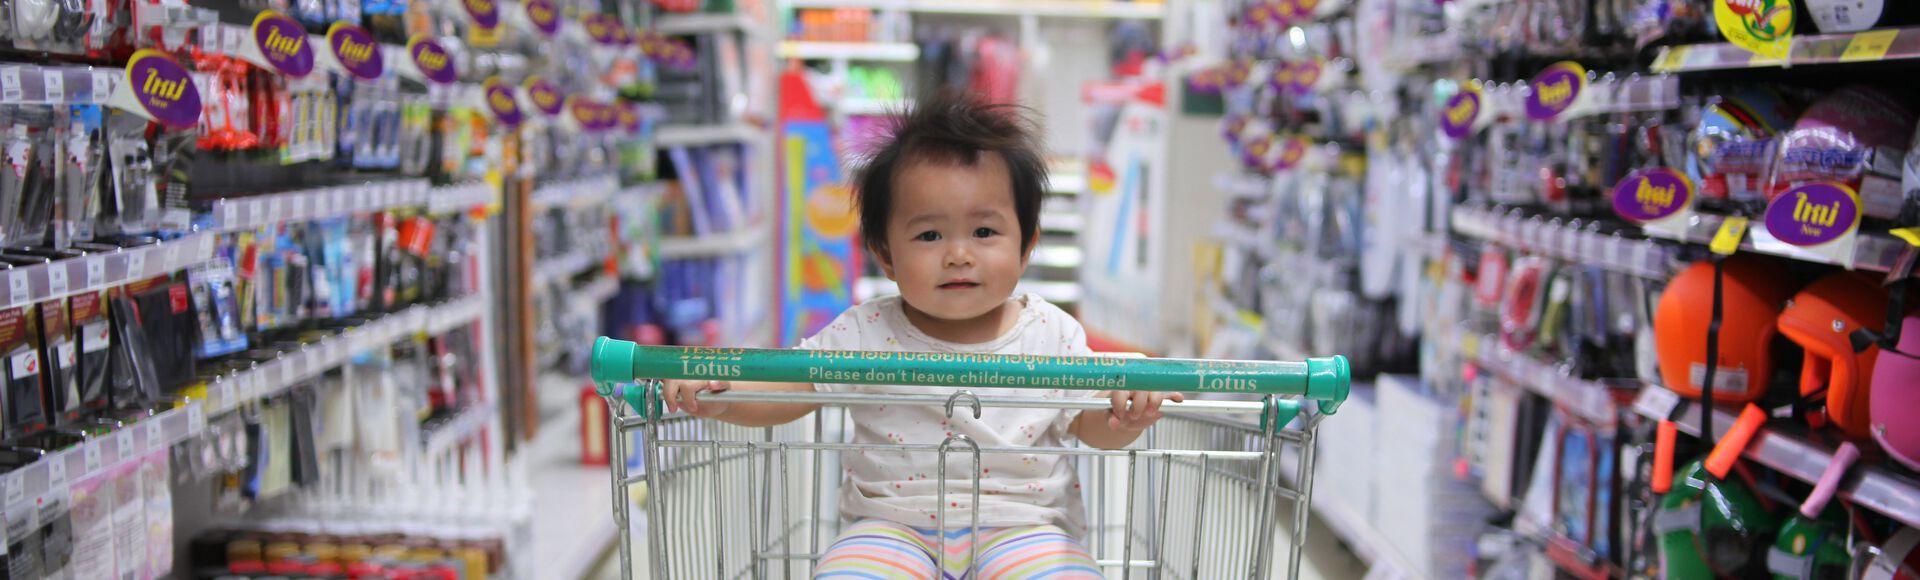 bebê sendo transportado com segurança em sling de frente